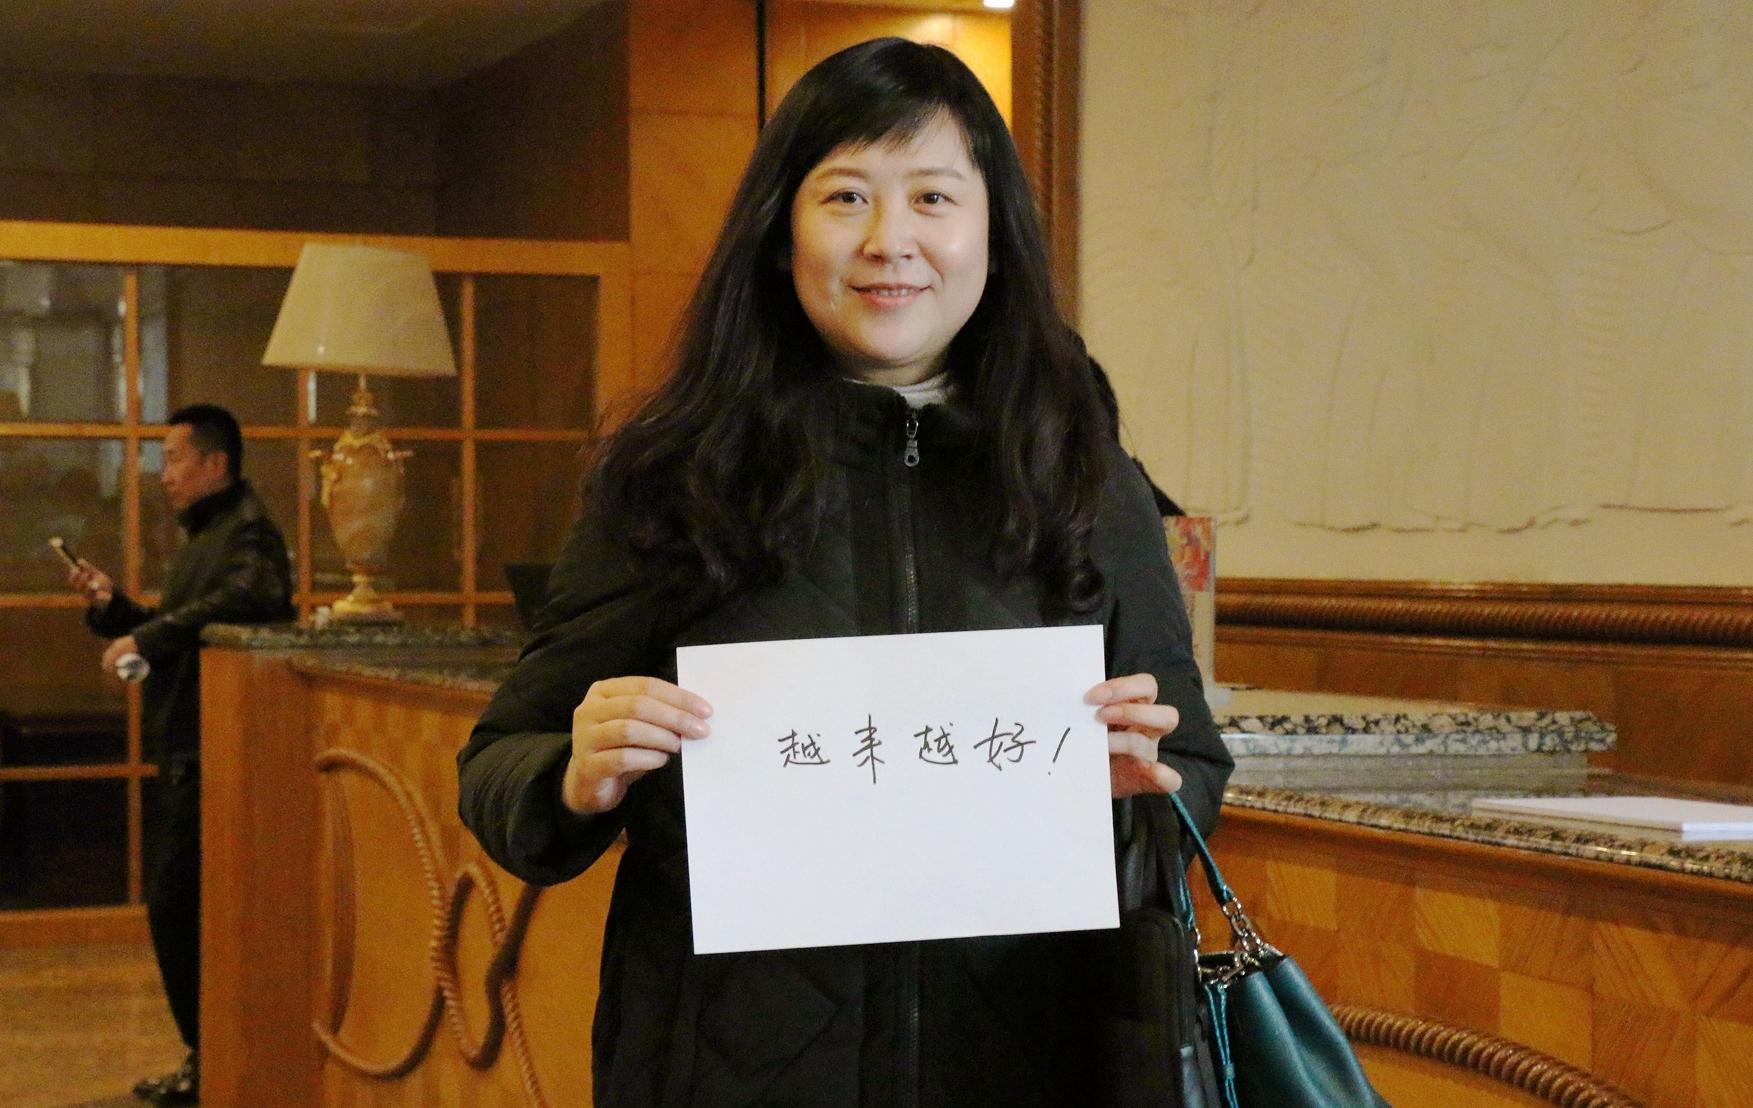 【小陇跑两会】  聆听甘肃省政协委员的新时代新愿景(组图+音/视频)